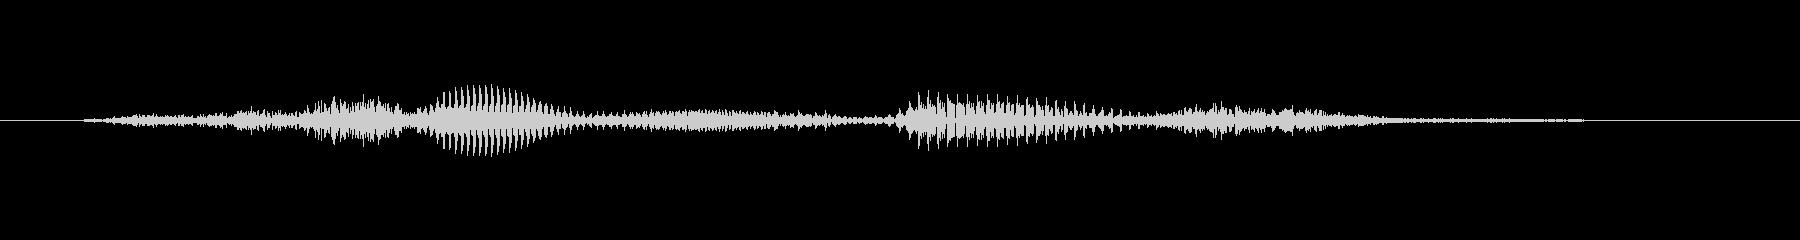 【時報・時報】7時です (しち)の未再生の波形